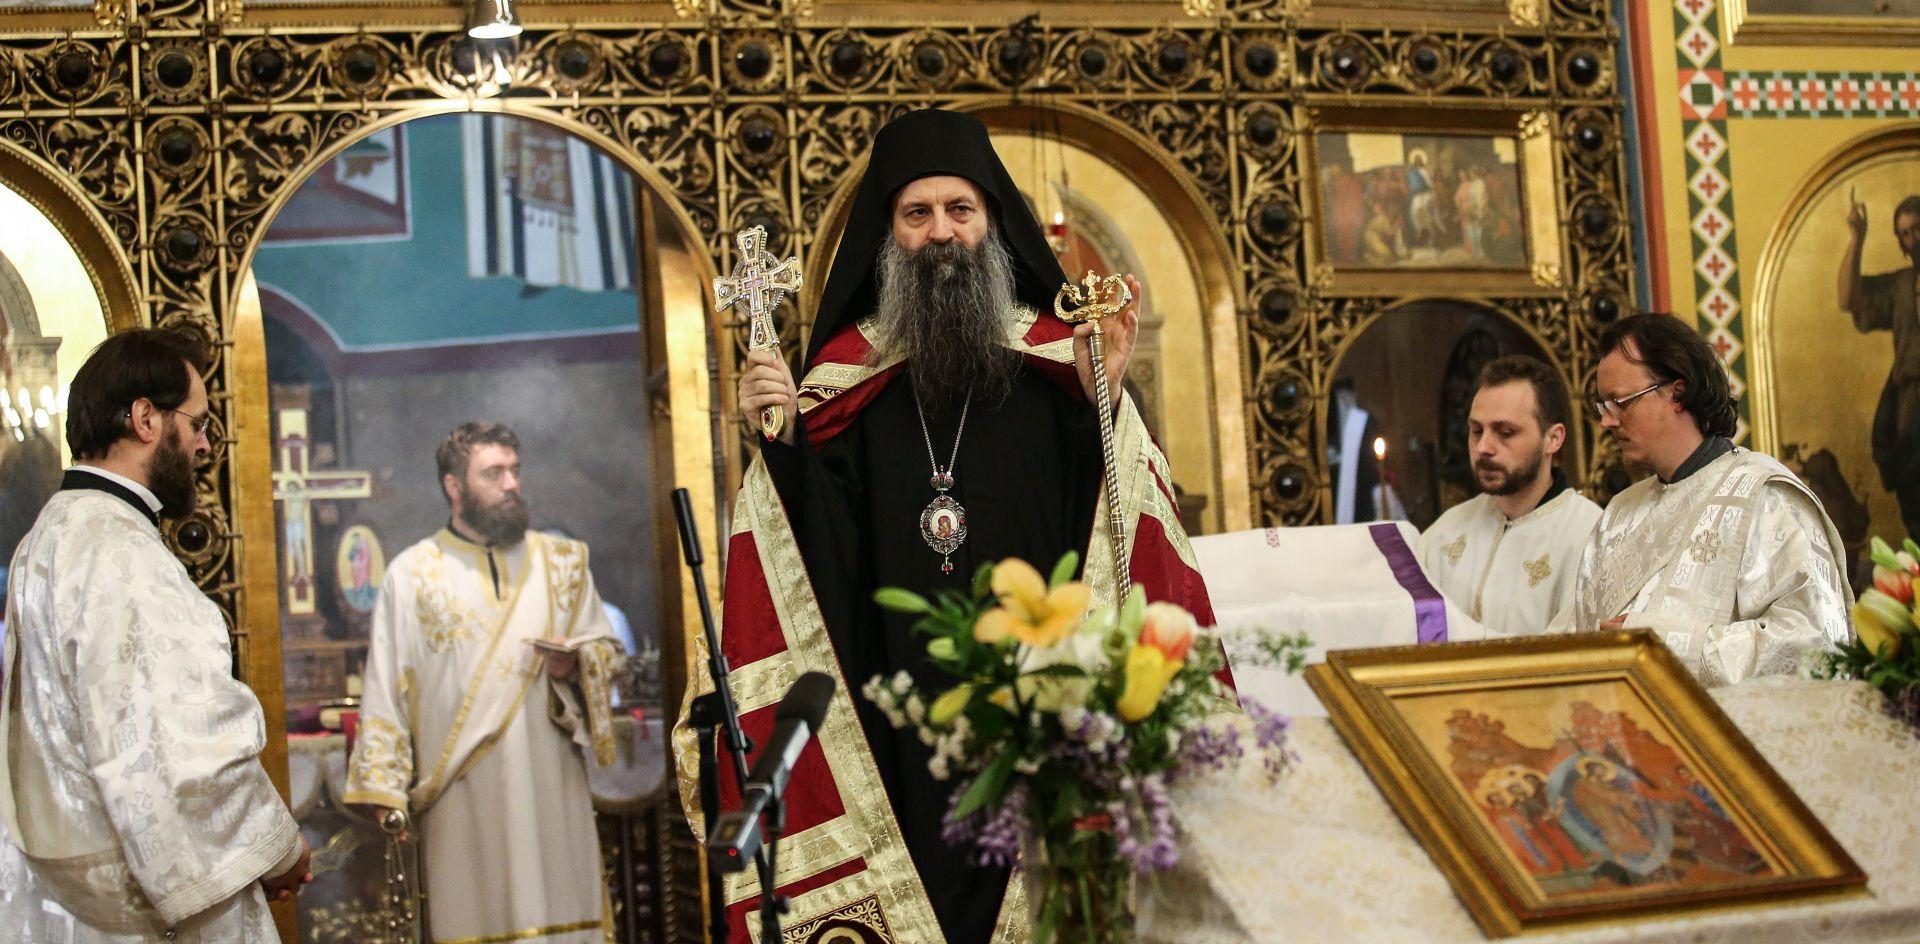 Mitropolit Porfirije služio Uskrsnu liturgiju u Sabornom hramu Preobraženja Gospodnjeg u Zagrebu